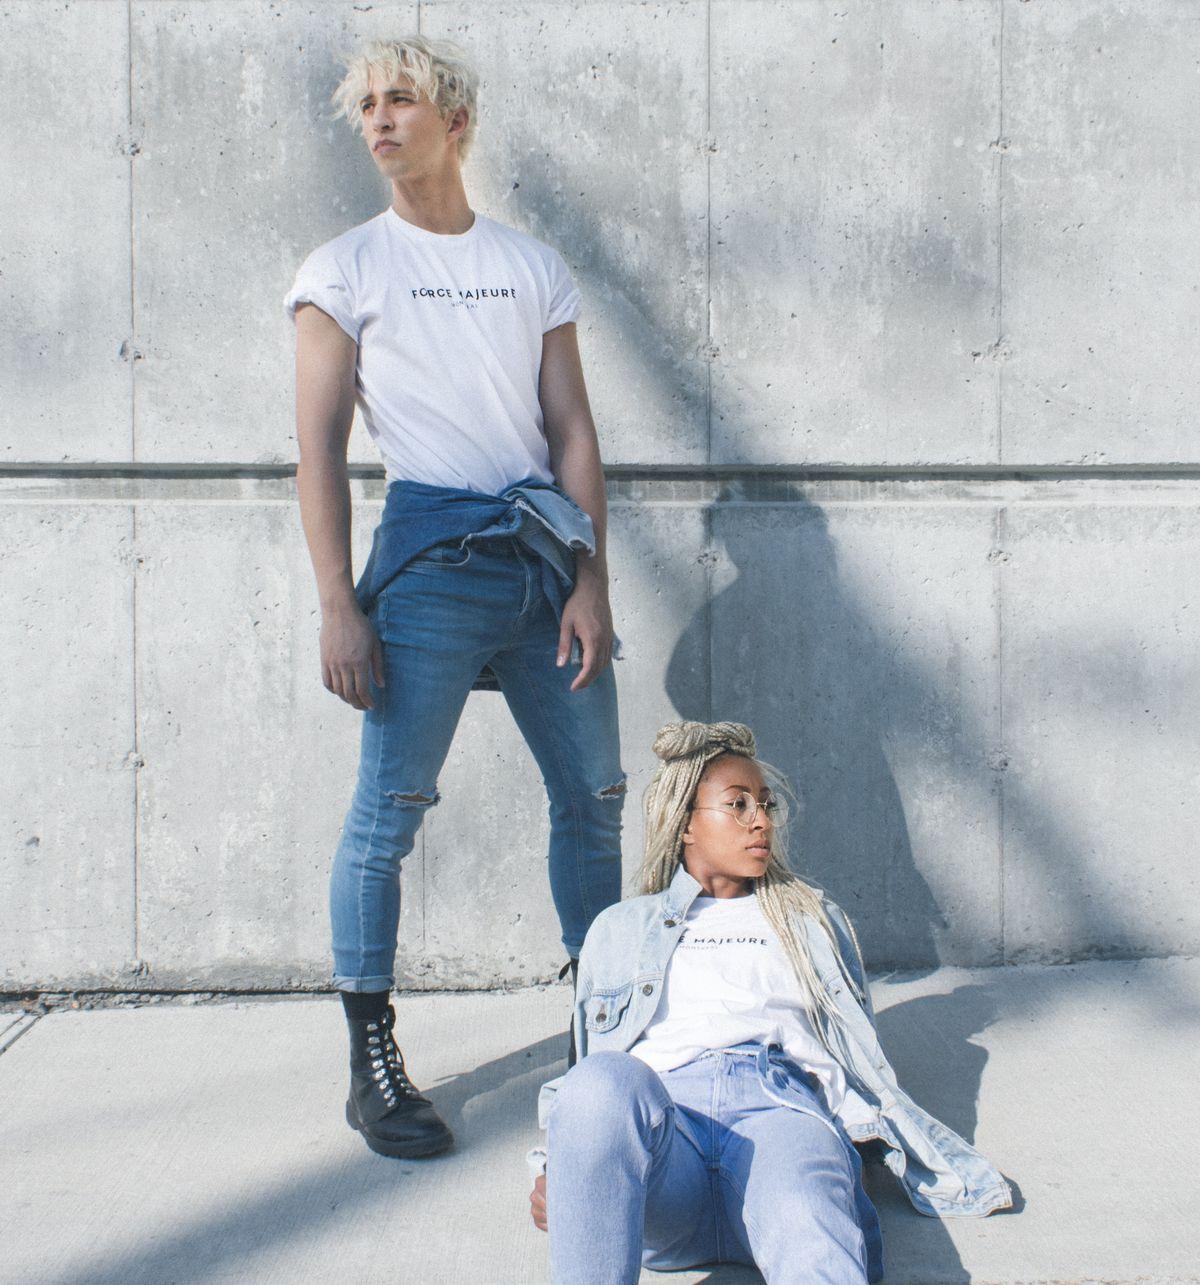 Items der Genderless-Fashion